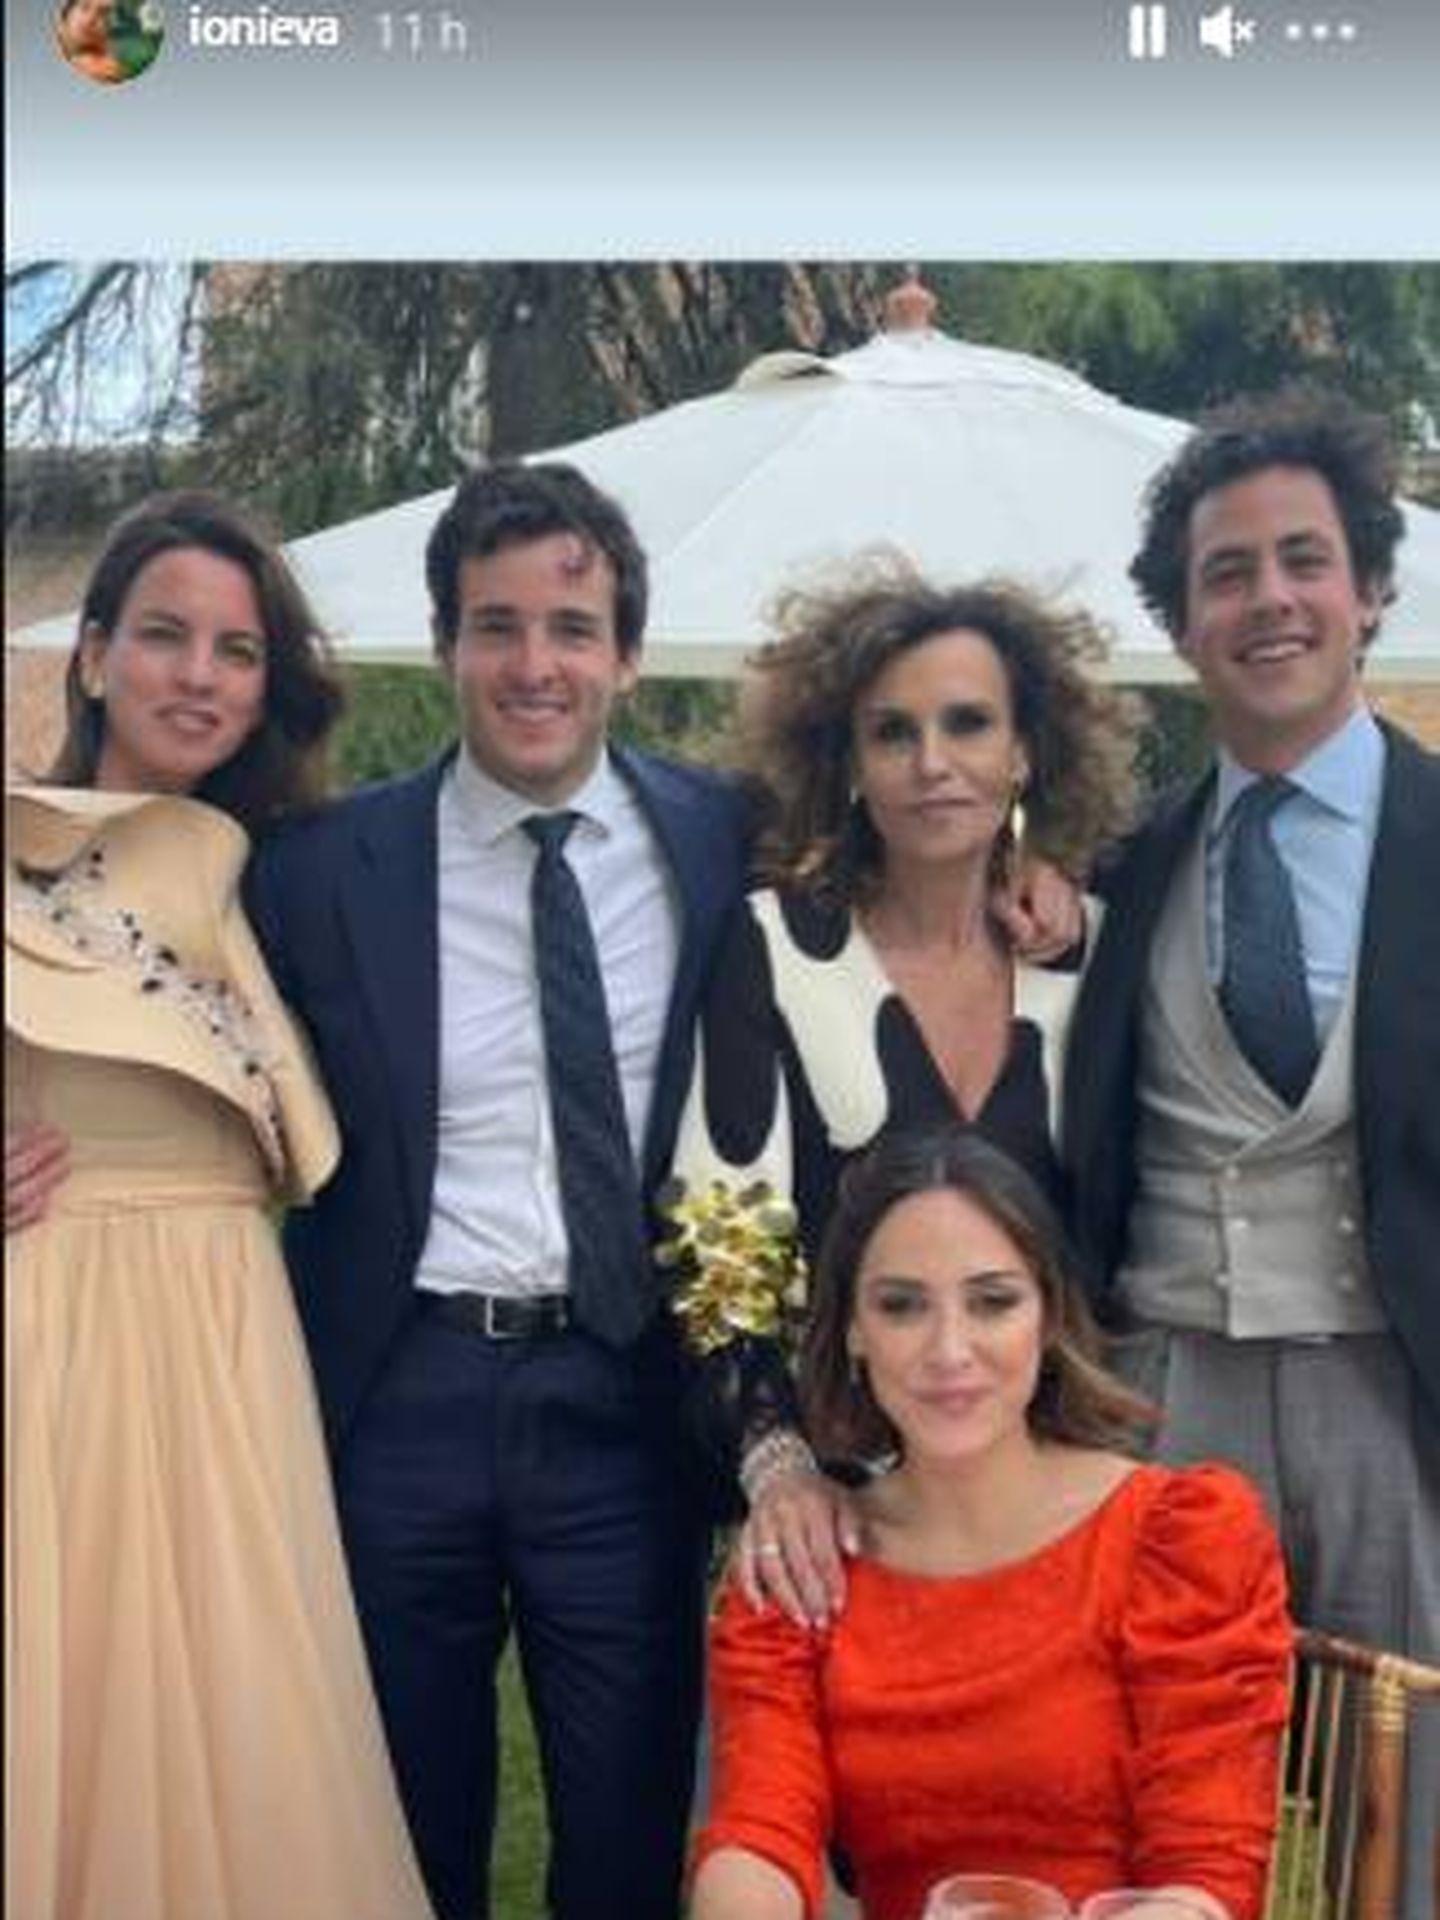 Tamara Falcó e Íñigo Onieva durante la boda a la que han asistido juntos. (IG)